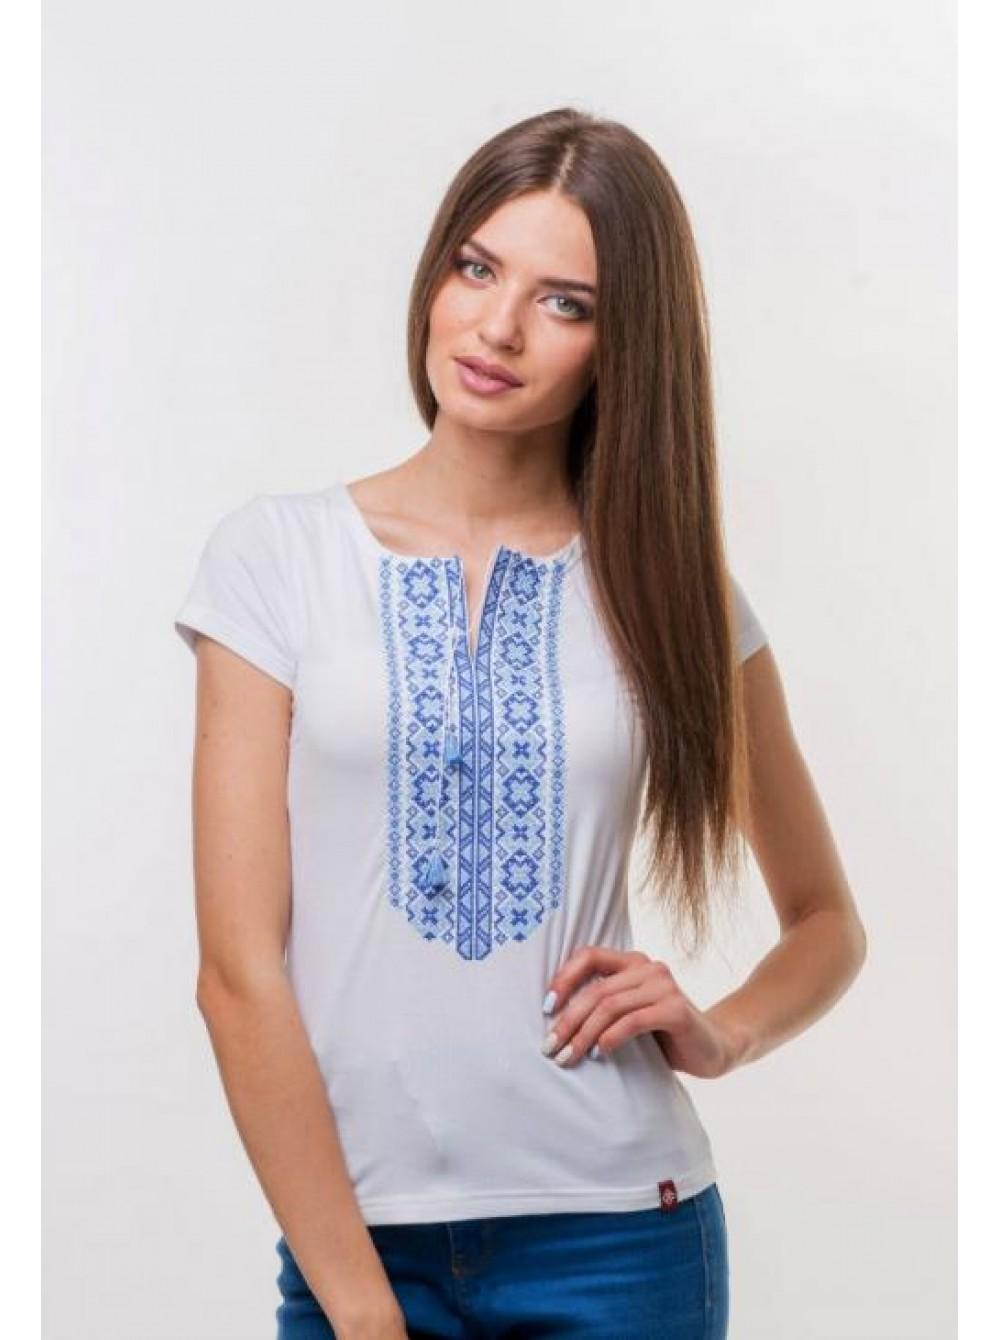 Жіноча вишита футболка біла з синьою вишивкою fd1be977edf31